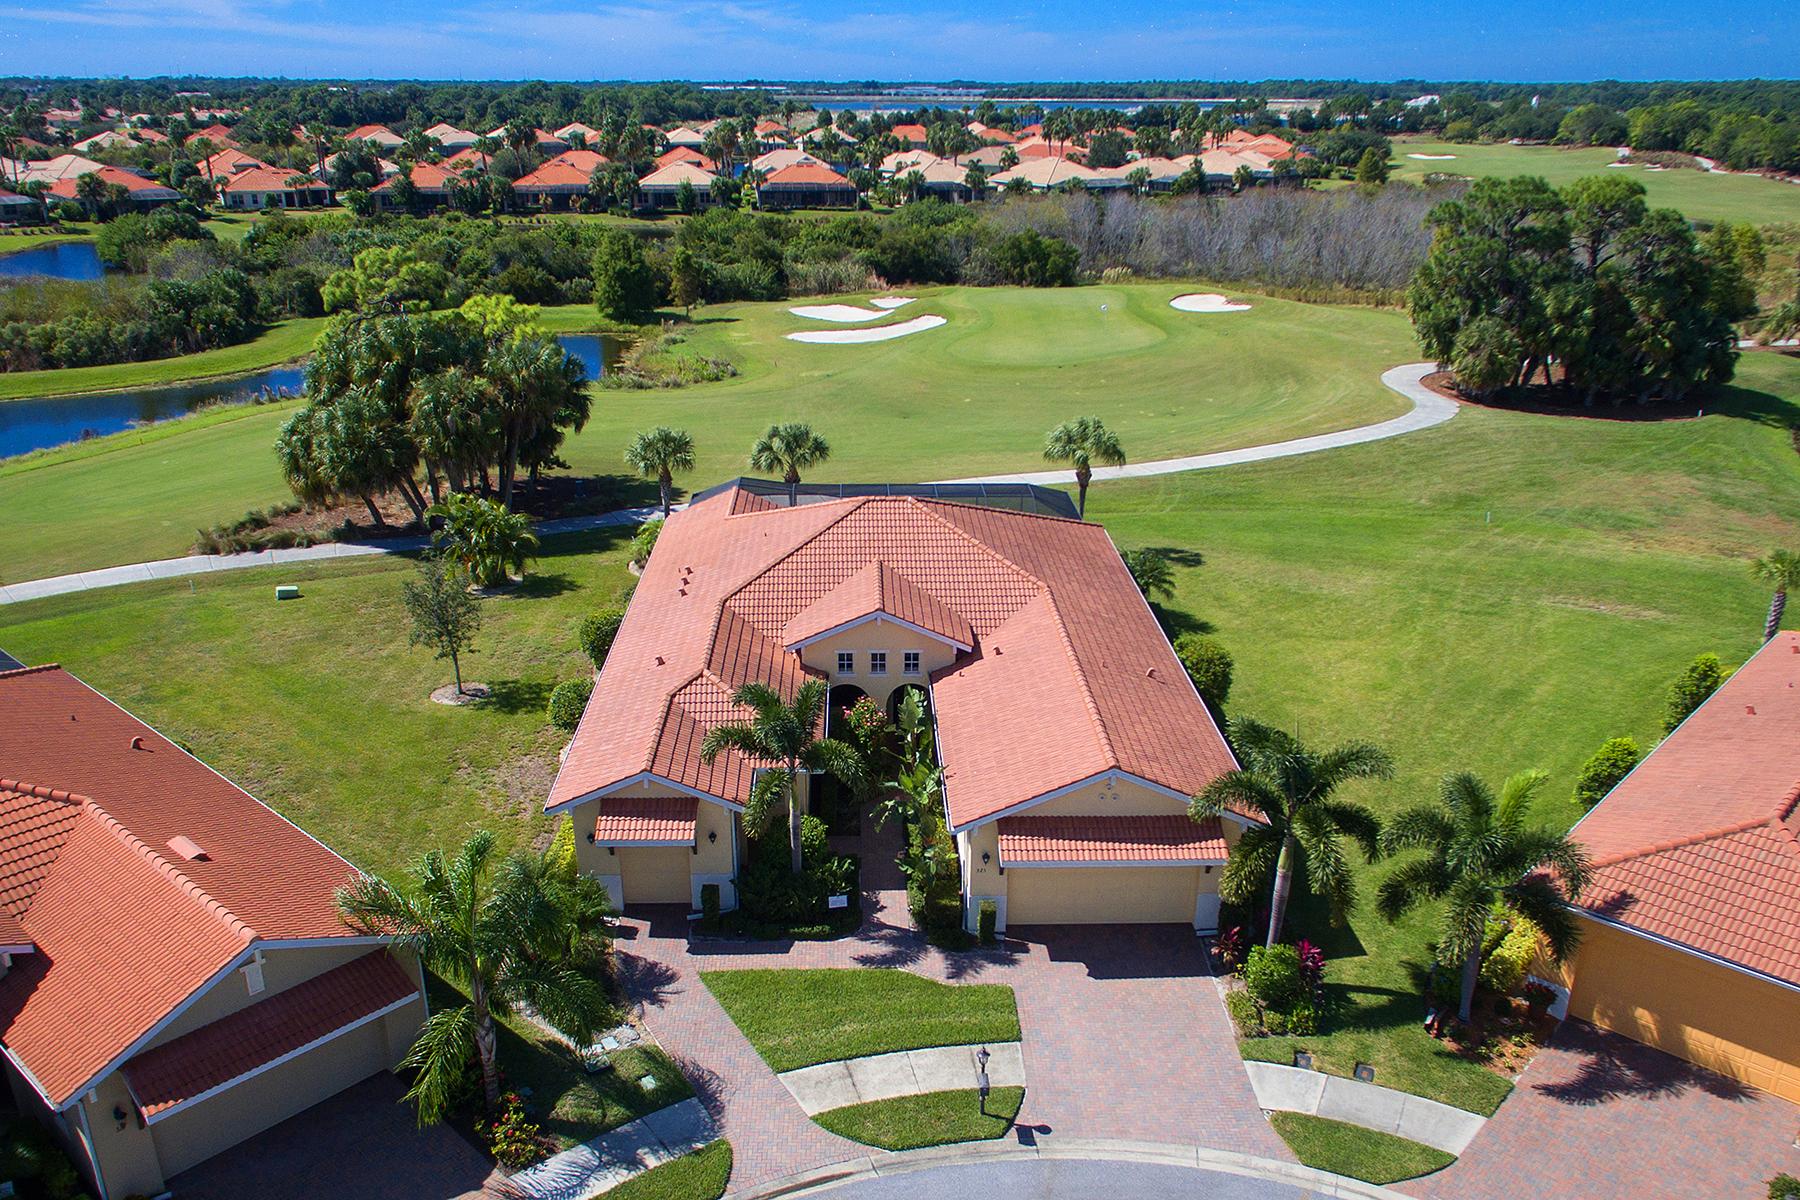 Einfamilienhaus für Verkauf beim VENETIAN GOLF & RIVER CLUB 325 Martellago Dr North Venice, Florida, 34275 Vereinigte Staaten